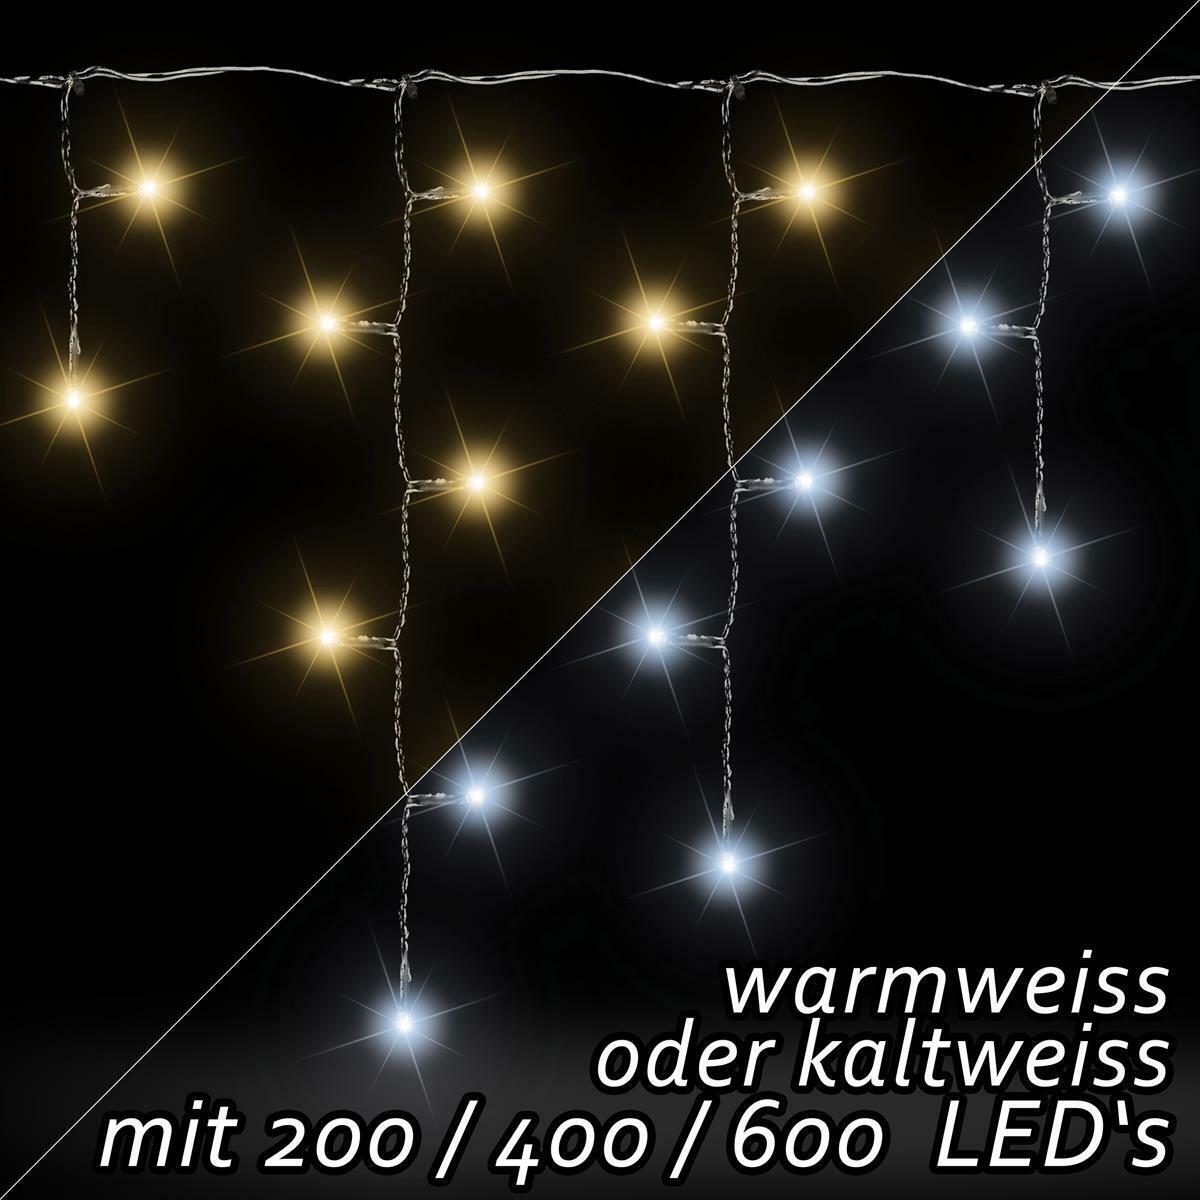 LED Eisregen Lichterkette warmweiß kaltweiß 200 400 600 Weihnachtsdeko Aussen | Am wirtschaftlichsten